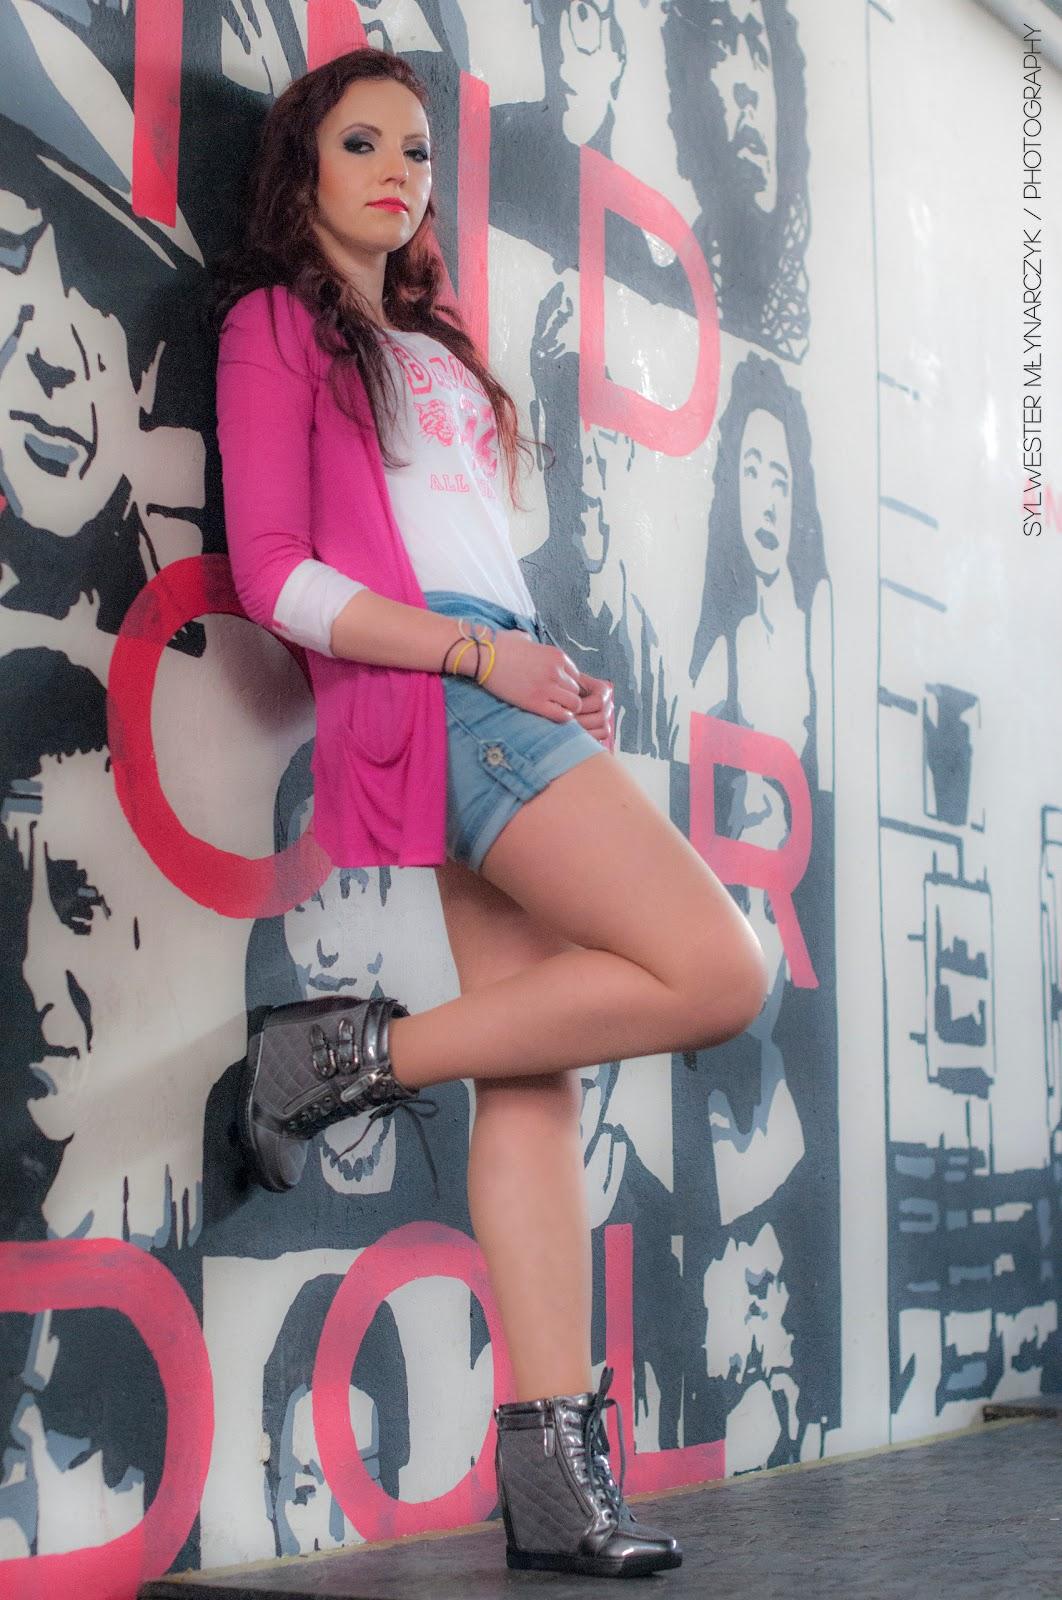 5.03.17 Szarne Sneakersy na koturnie, biała bluza, jeansowe szorty, różowa fuksja narzutka, gumowe bransoletki